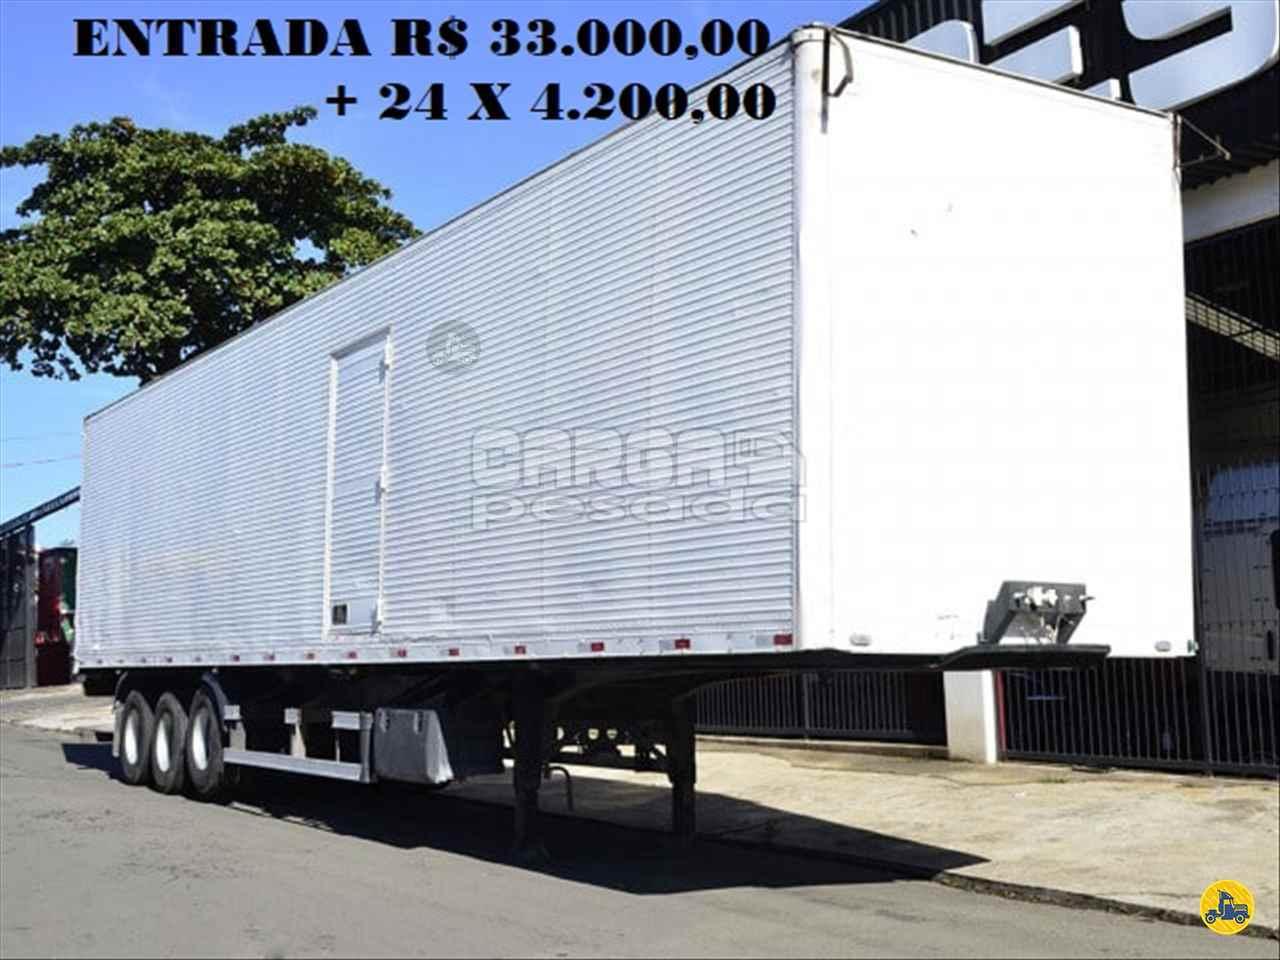 CARRETA SEMI-REBOQUE BAU FURGÃO Carga Pesada Caminhões SAO PAULO SÃO PAULO SP